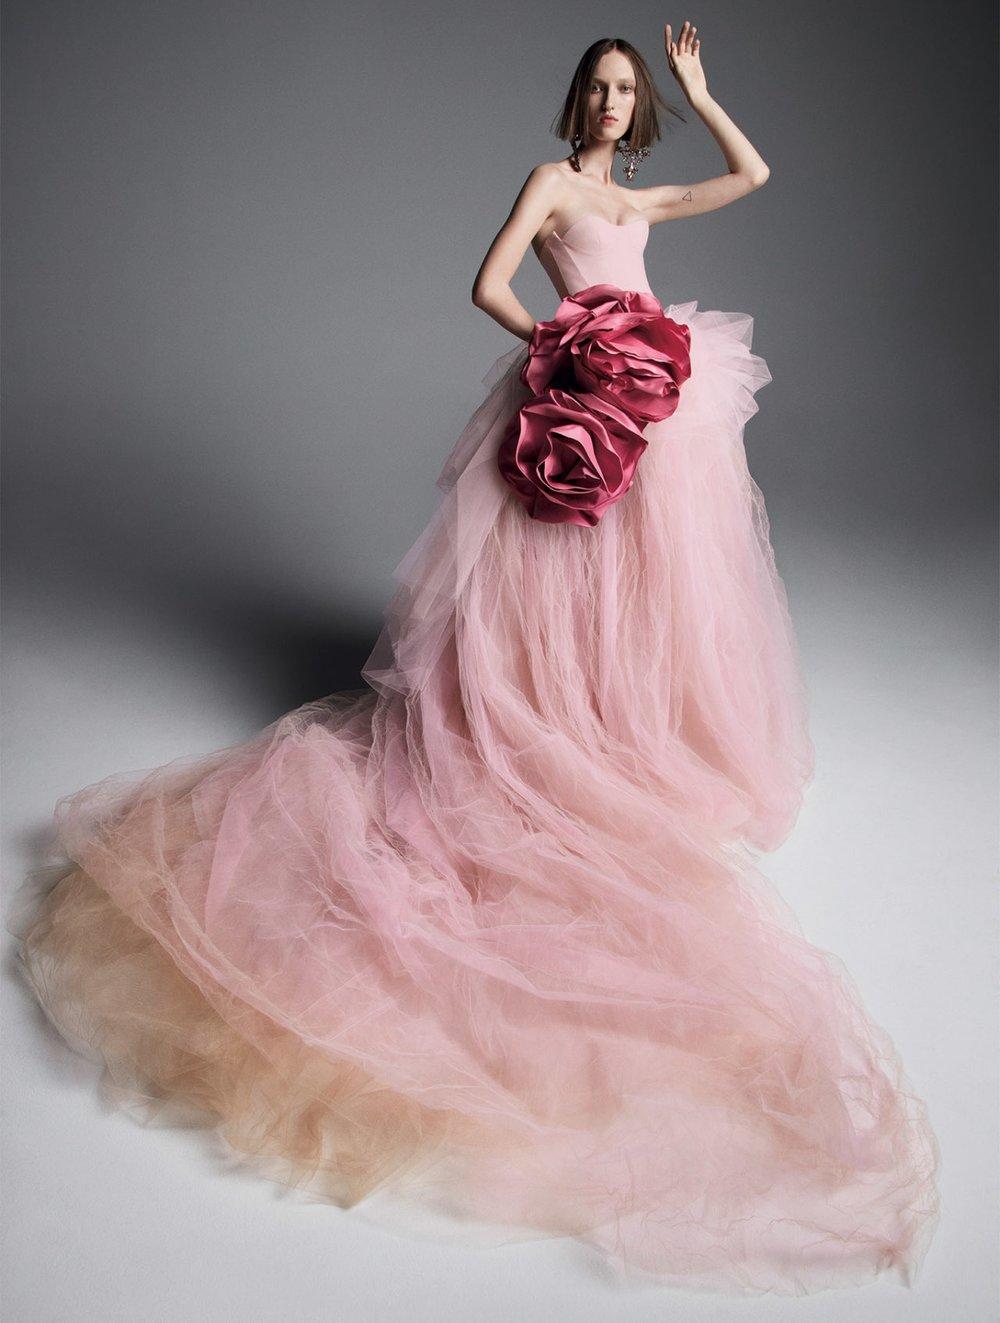 Fantástico Vestido De Novia Sorbetes Fotos - Colección de Vestidos ...